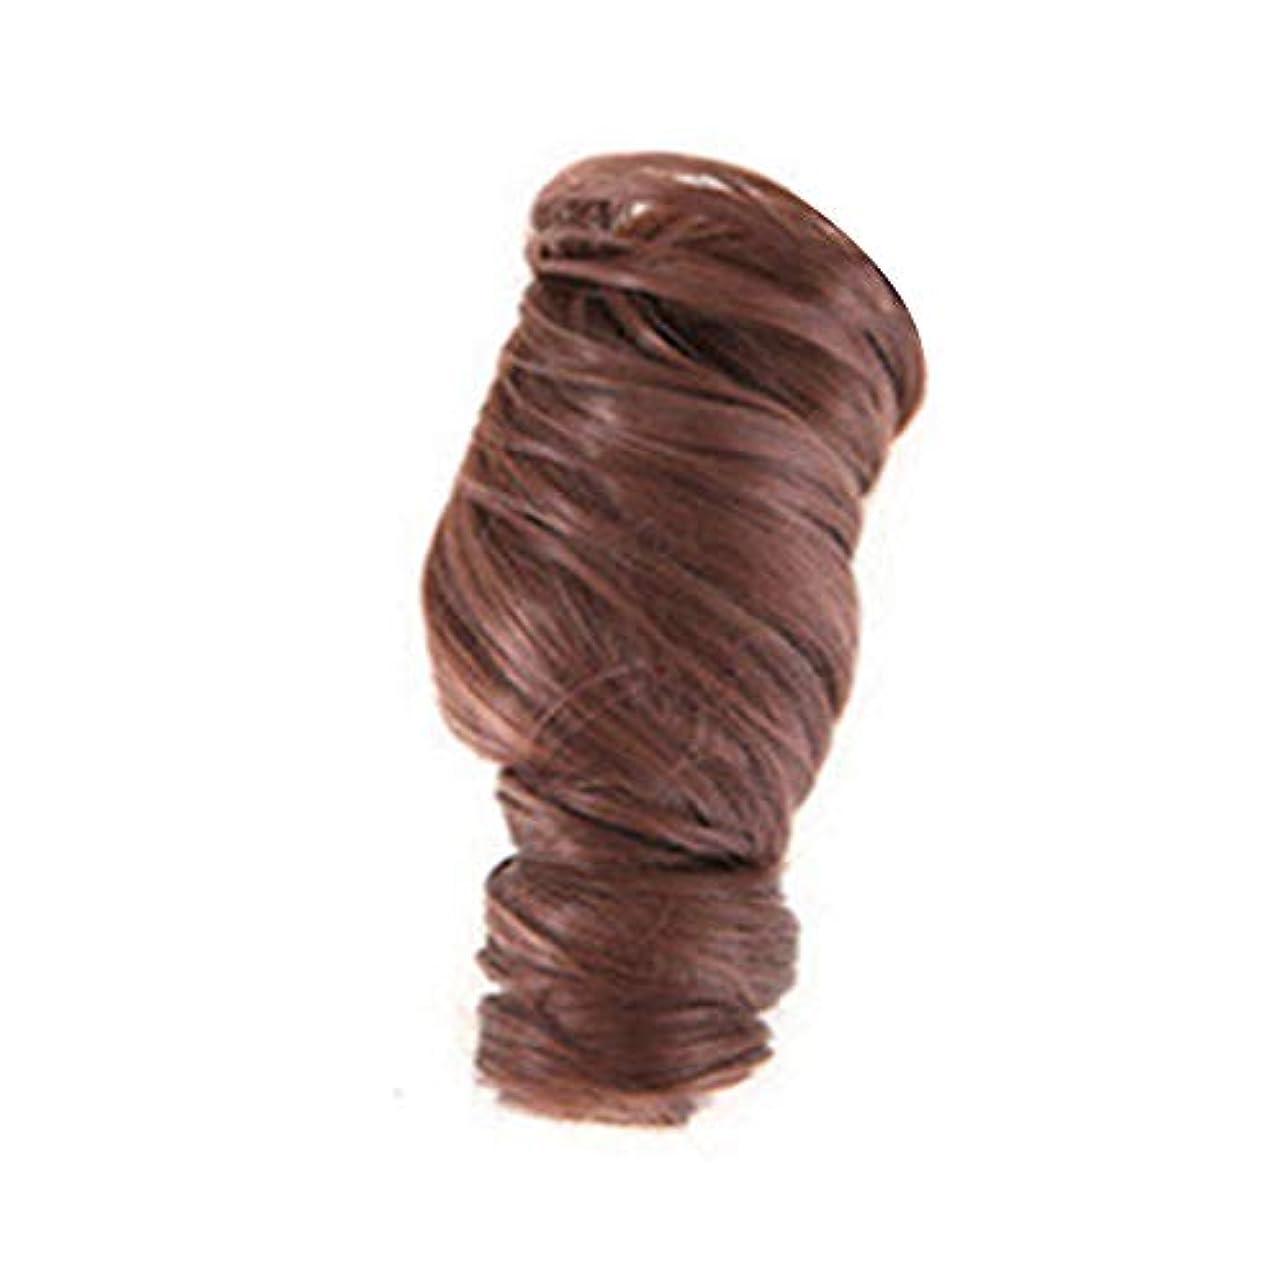 動作沿って良心つくしかつらのための短い巻き毛のかつらはシンプルな女性の気質の顔ハイエンドのかつら自然に見える耐熱性、茶色です。